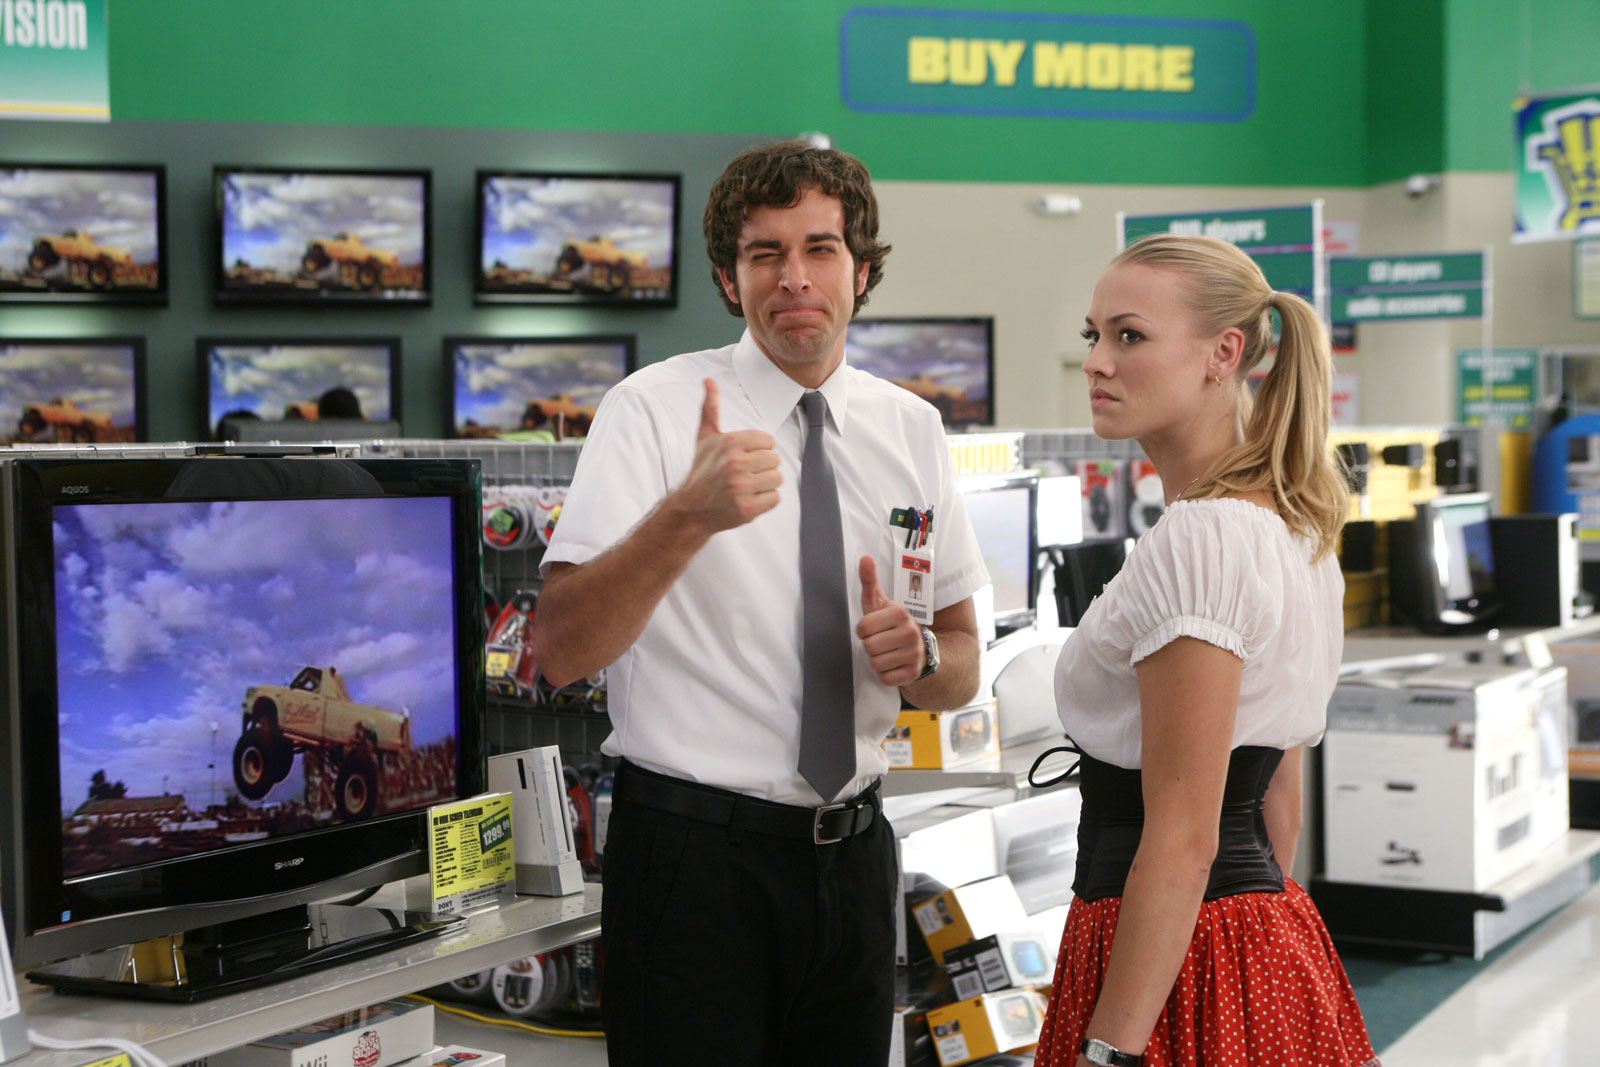 La télésérie Chuck se déroulait en bonne partie dans une succursale de Buy More, un pastiche de Best Buy qui mettait en relief la culture de l'entreprise.